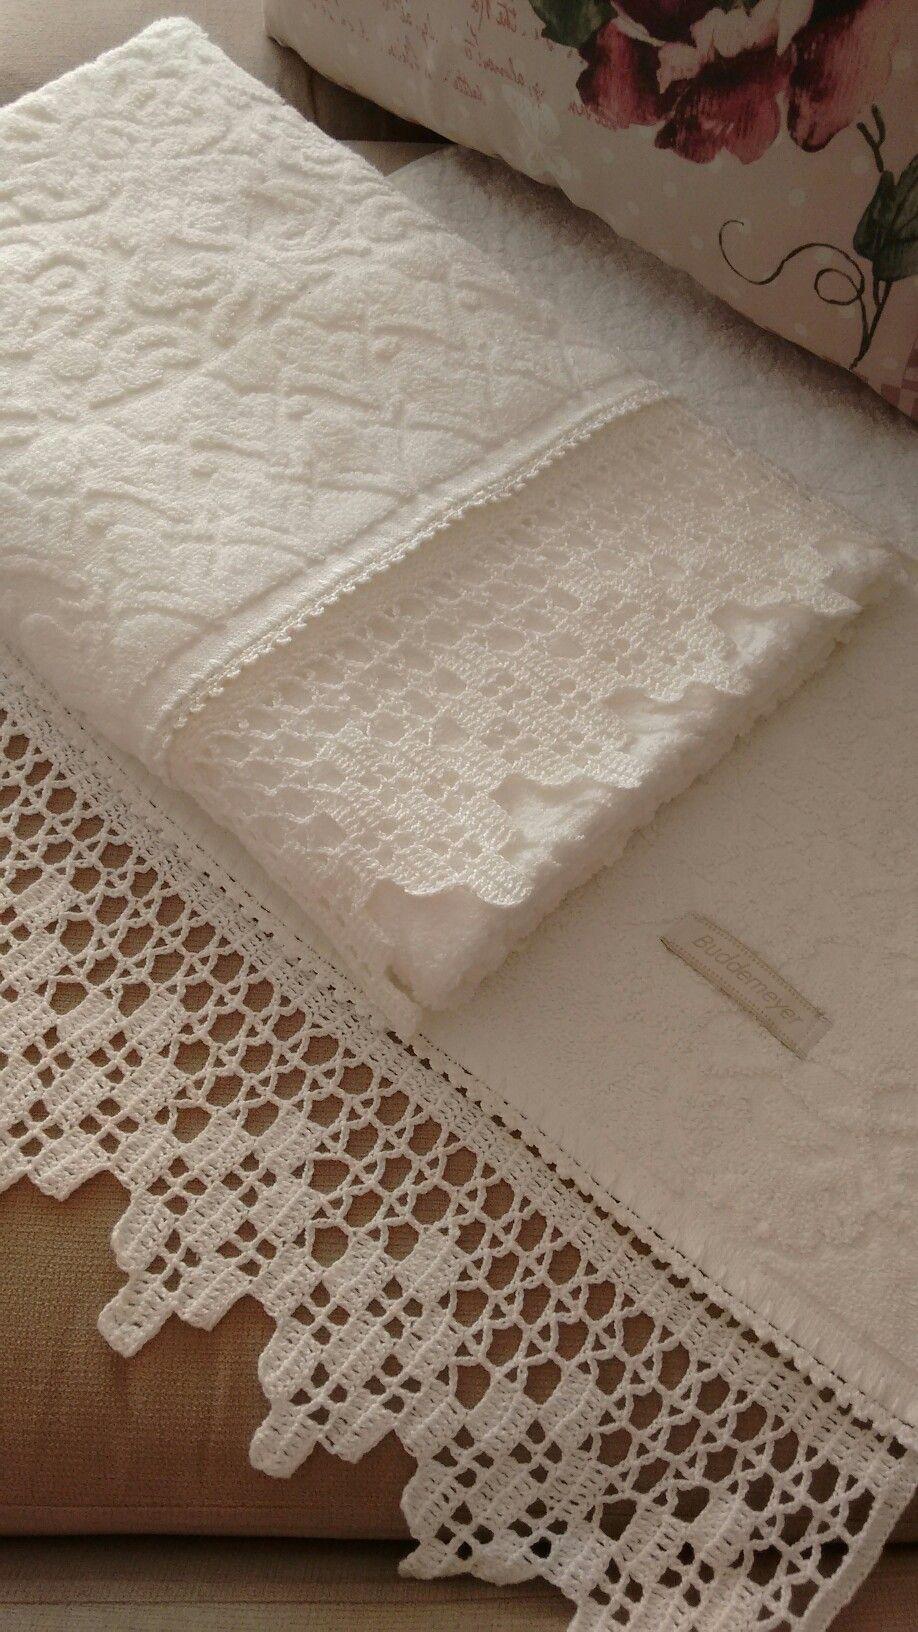 Bico de crochê #CrochetEdging | B O R D U R I | Pinterest ...